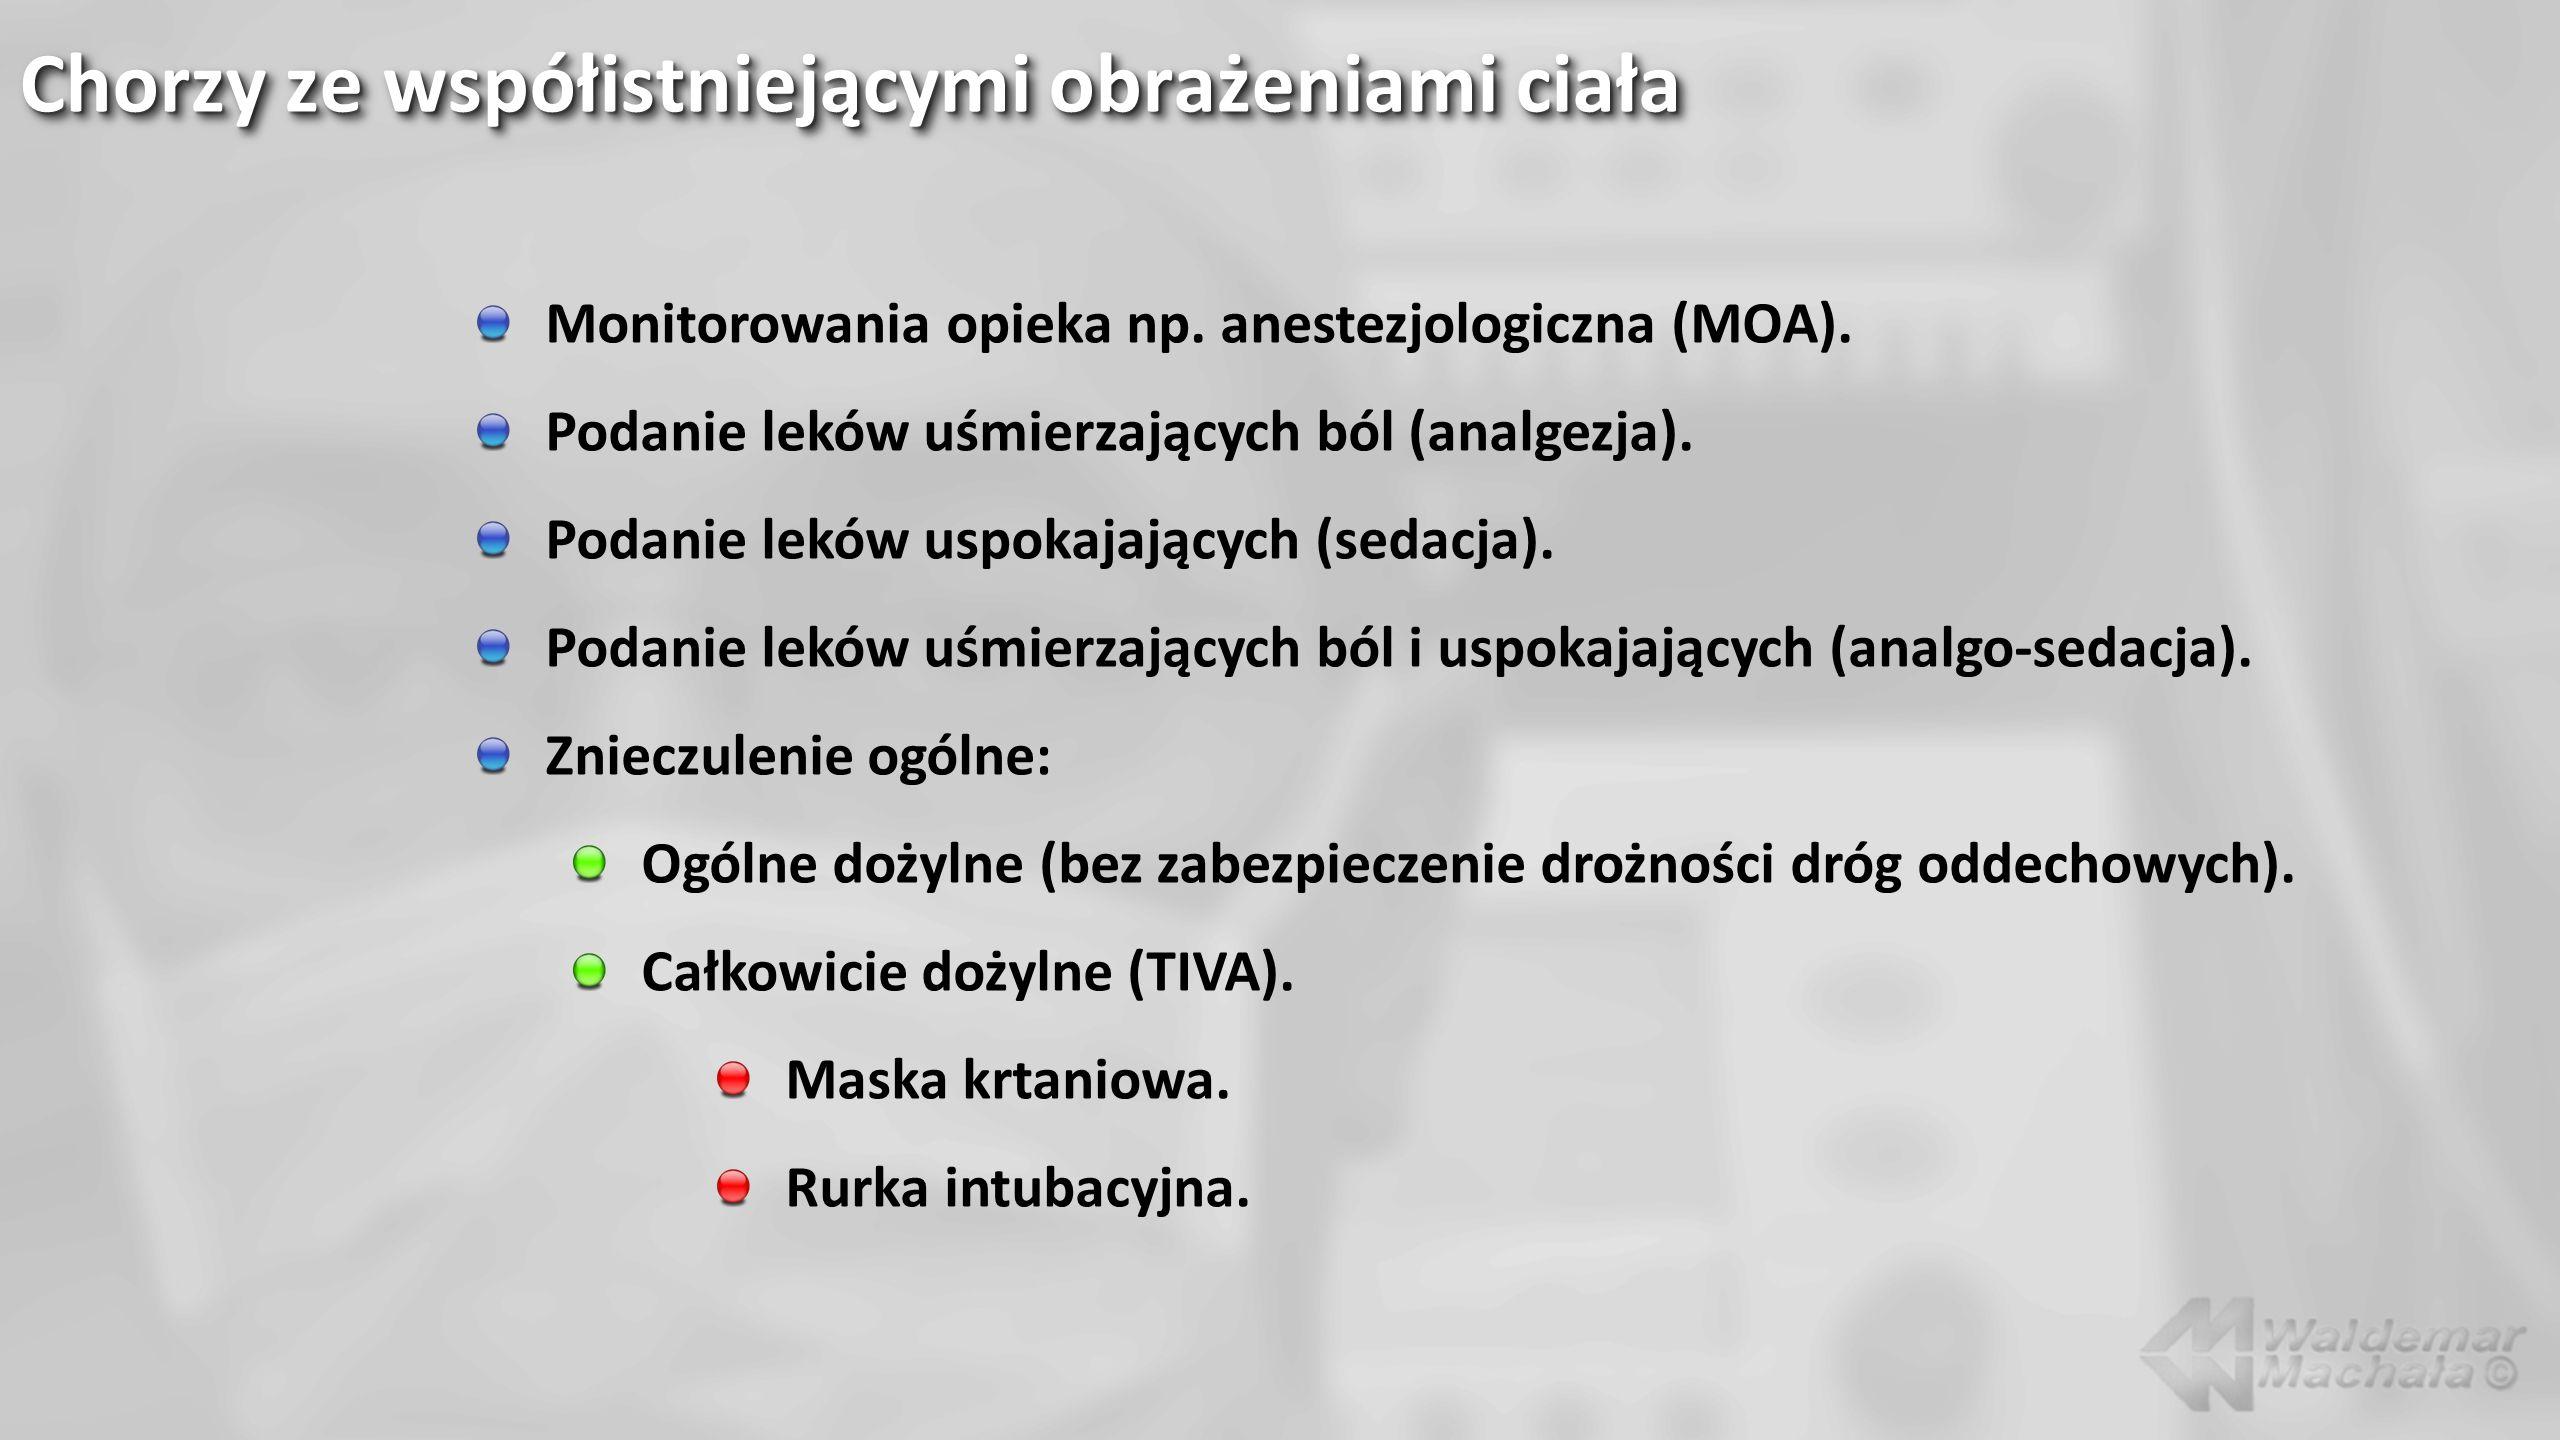 Uśmierzanie bólu opioidowe leki przeciwbólowe Określanie dawki nasycającej dla morfiny: Rozpocznij tlenoterapię.